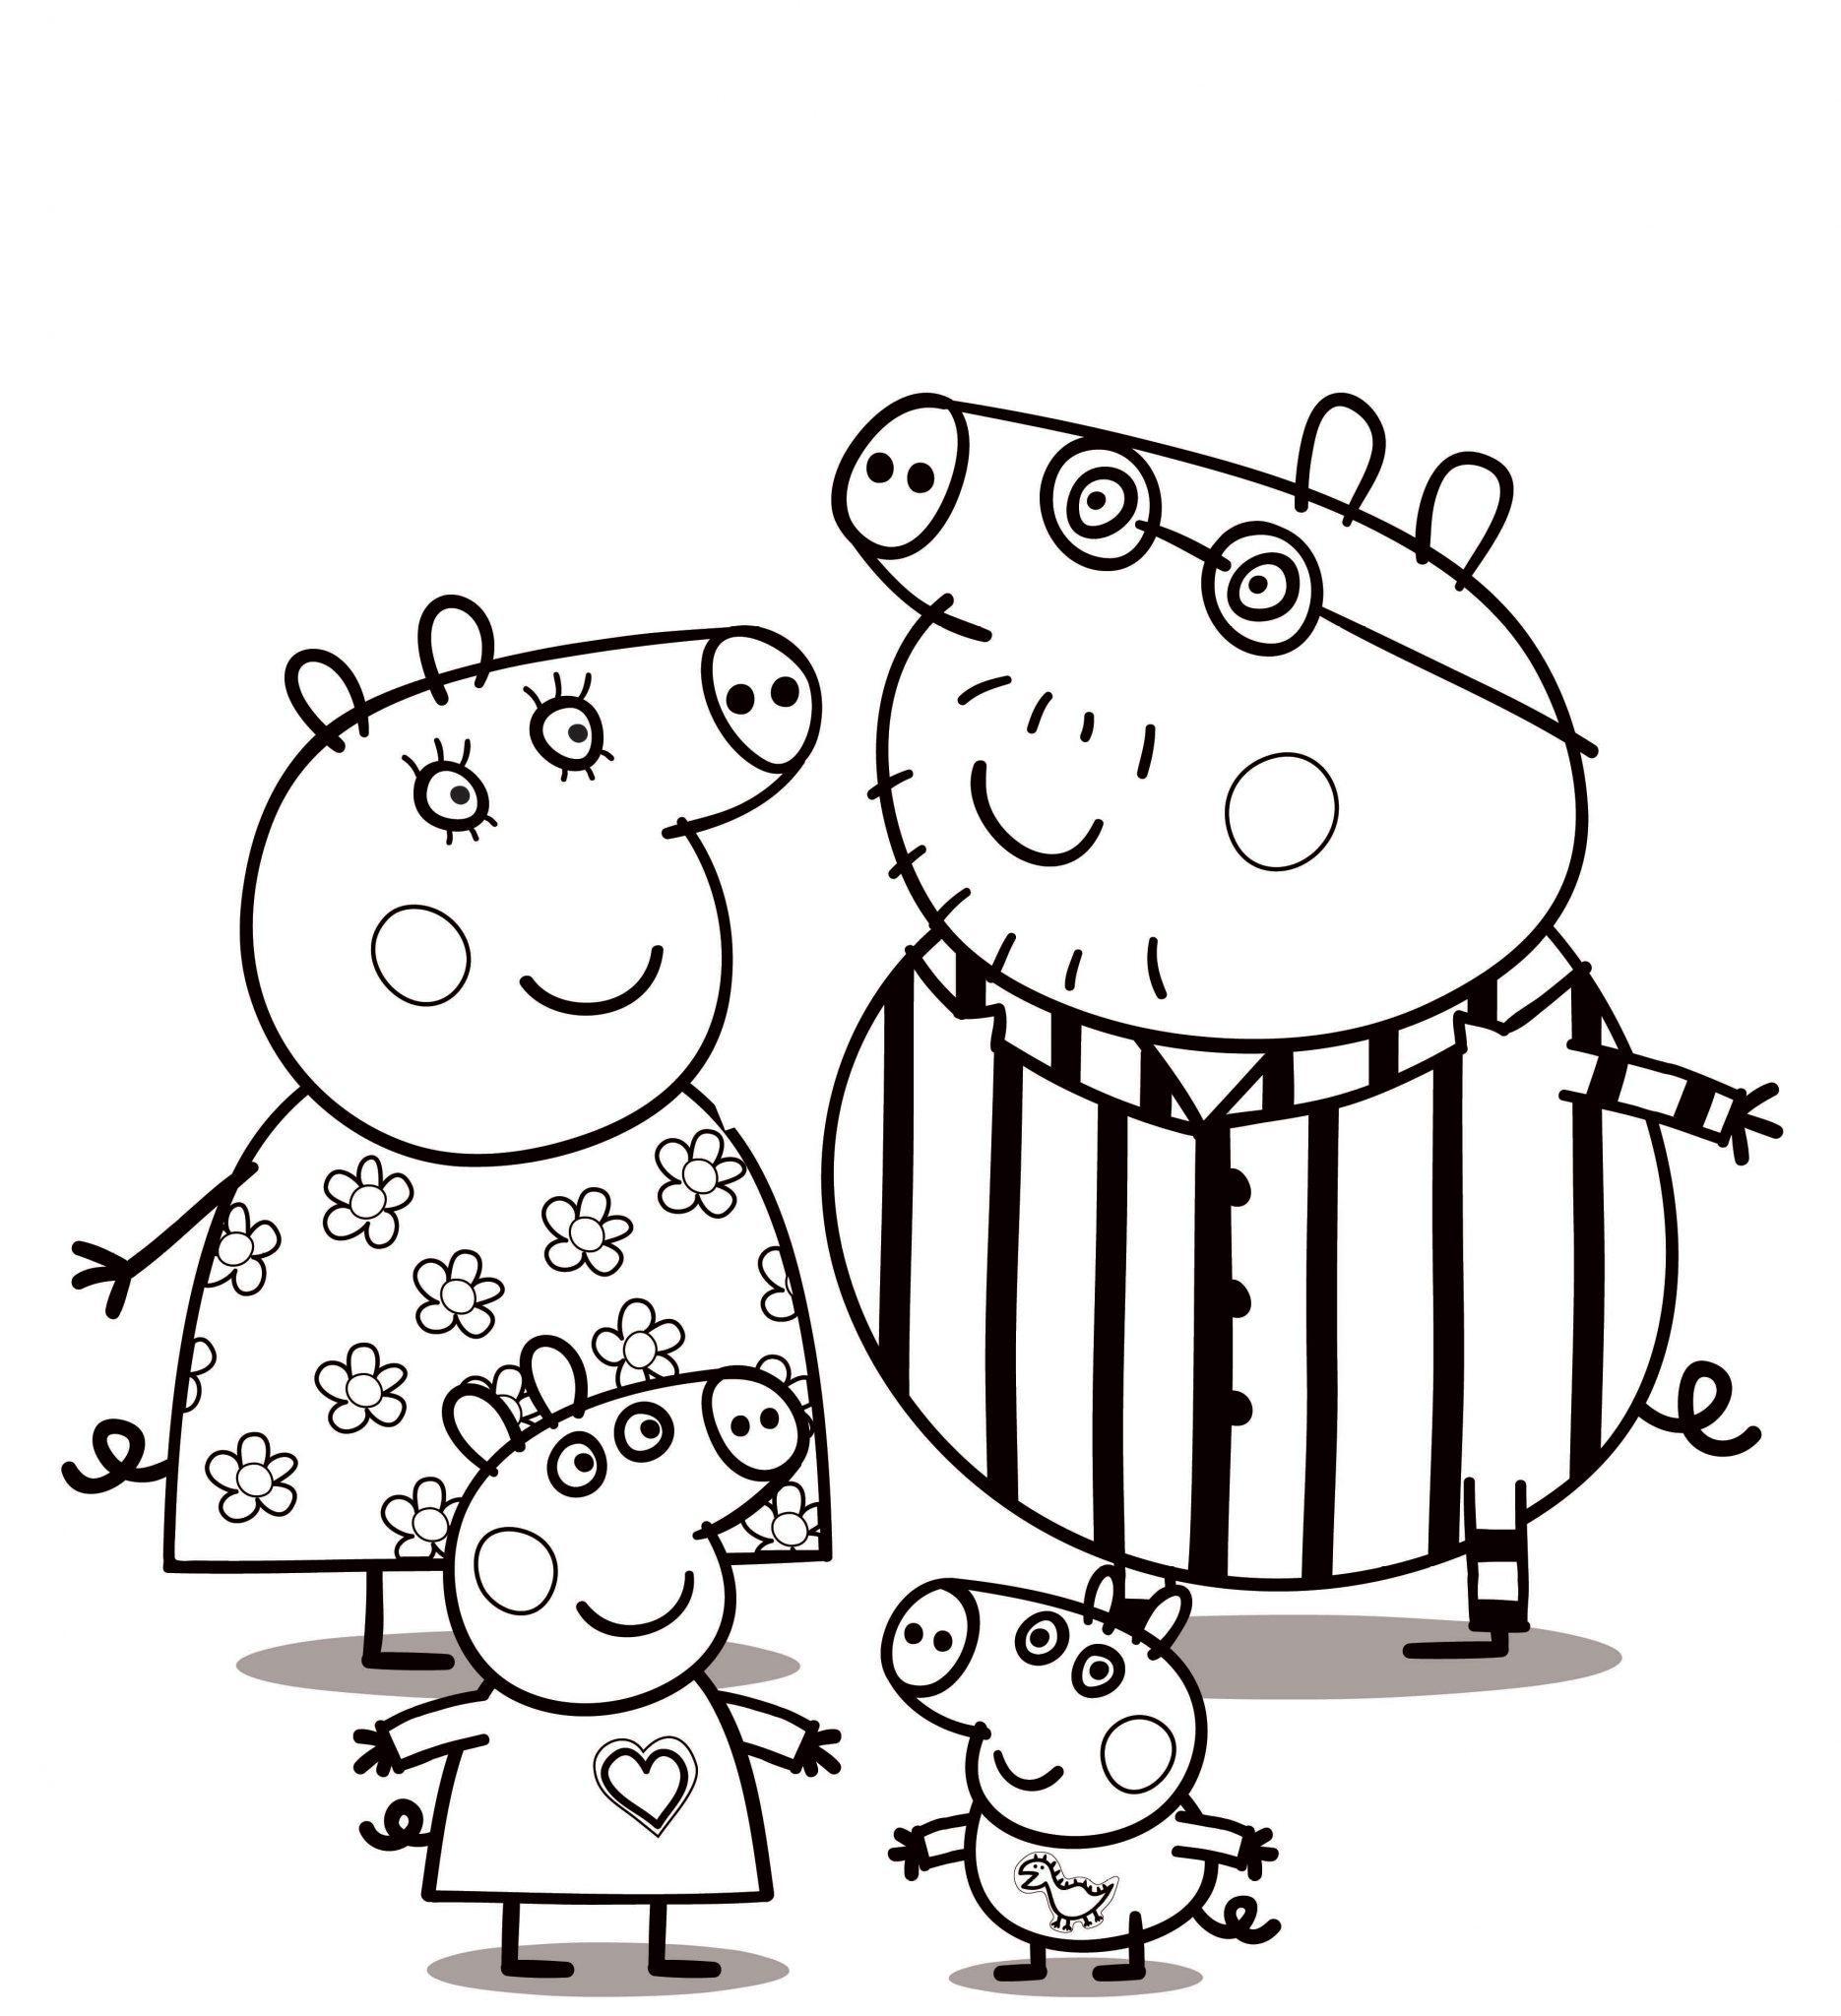 семья свинки пеппы раскраска распечатать бесплатно формат а4